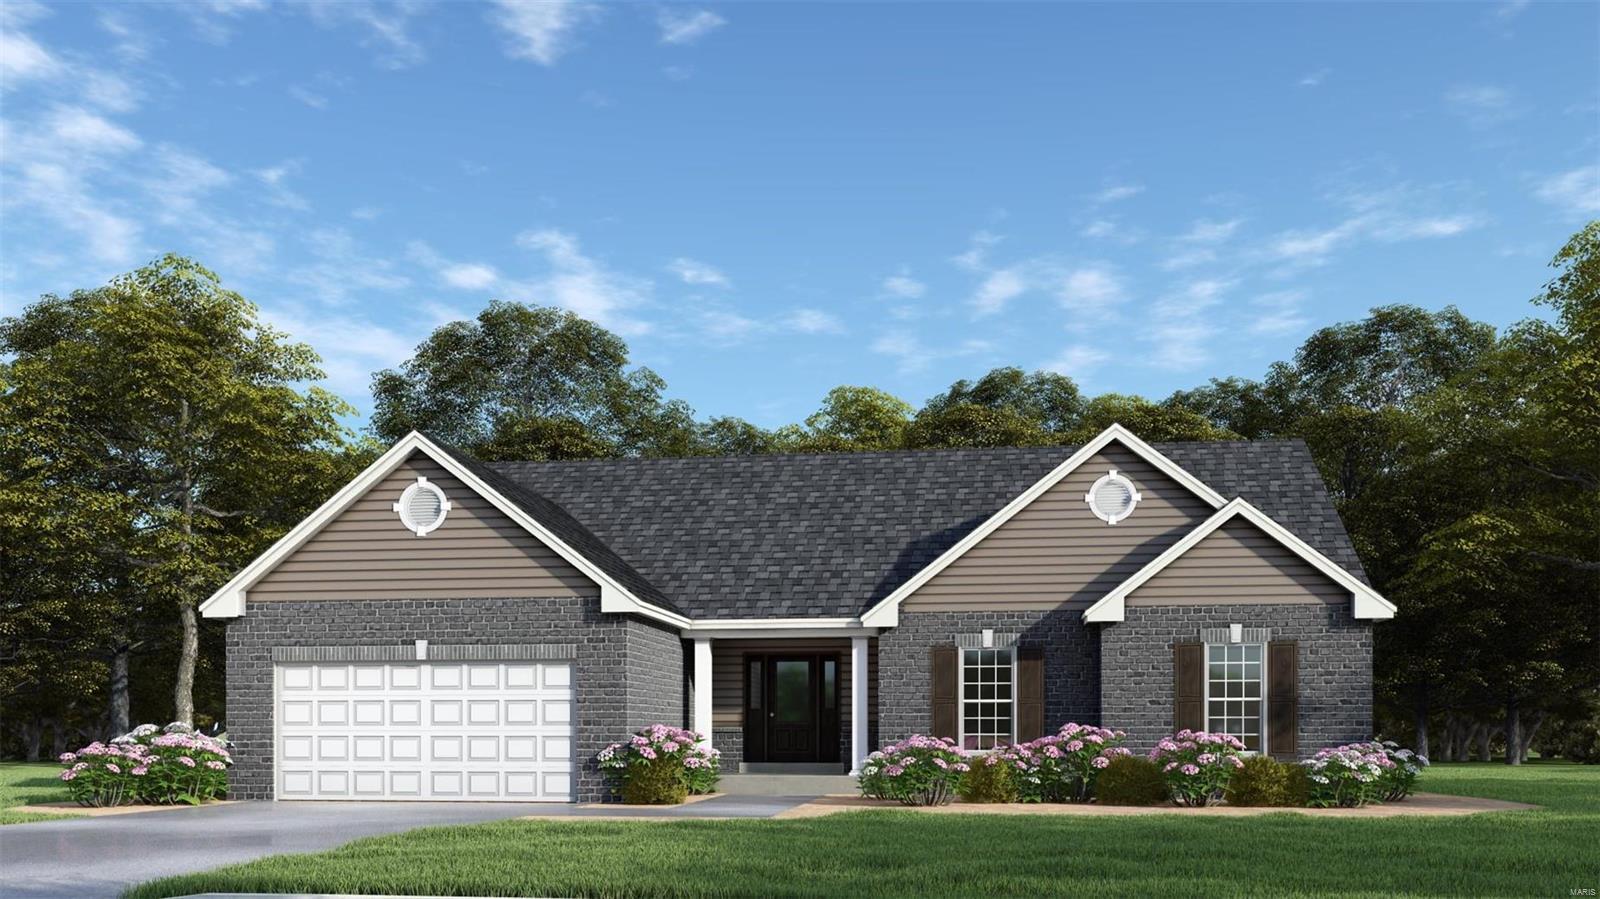 3231 BIG PINEY (LOT 80 HAZELTINE) Property Photo - Festus, MO real estate listing